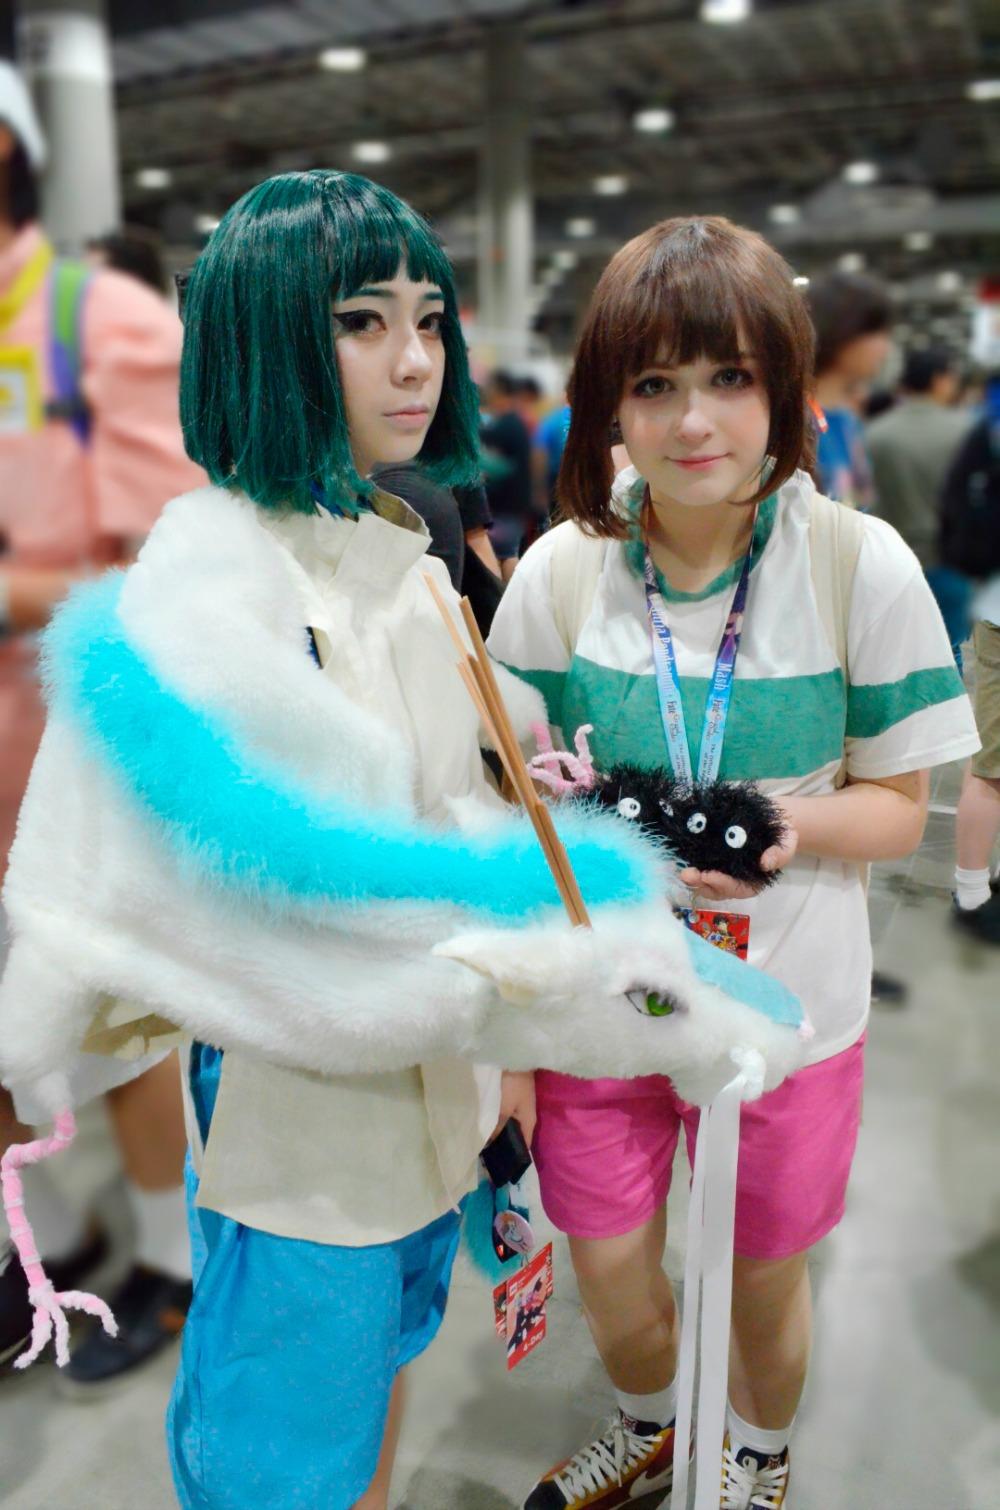 Chihiro Haku Cosplay Anime Expo 2018 Spirited Away